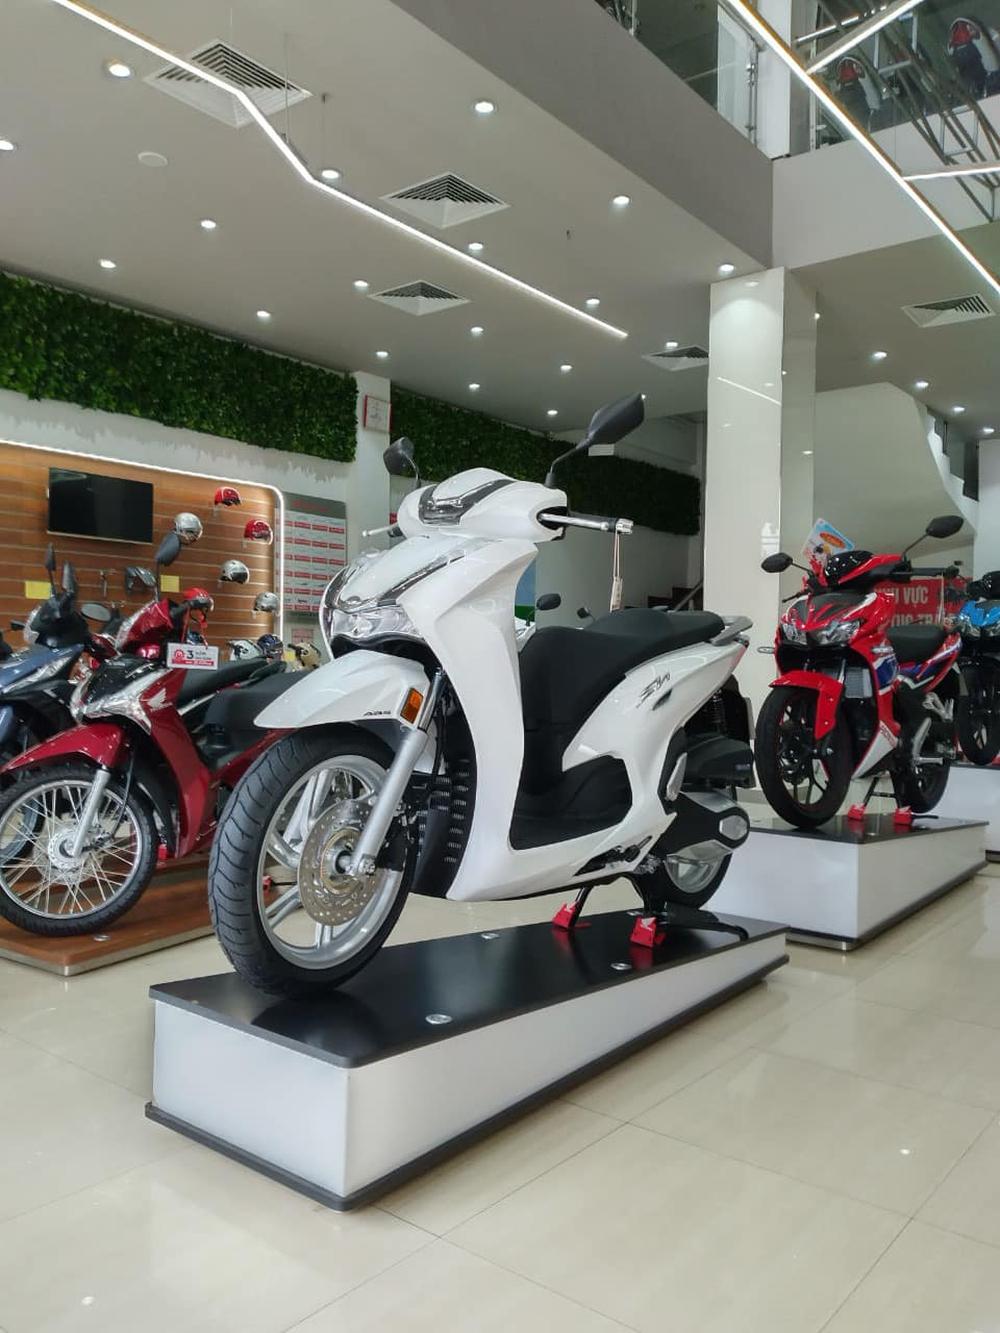 Xe máy Honda mới về đại lý nét căng, giá rẻ một nửa, miếng ngon hay tiền nào của nấy? - Ảnh 3.